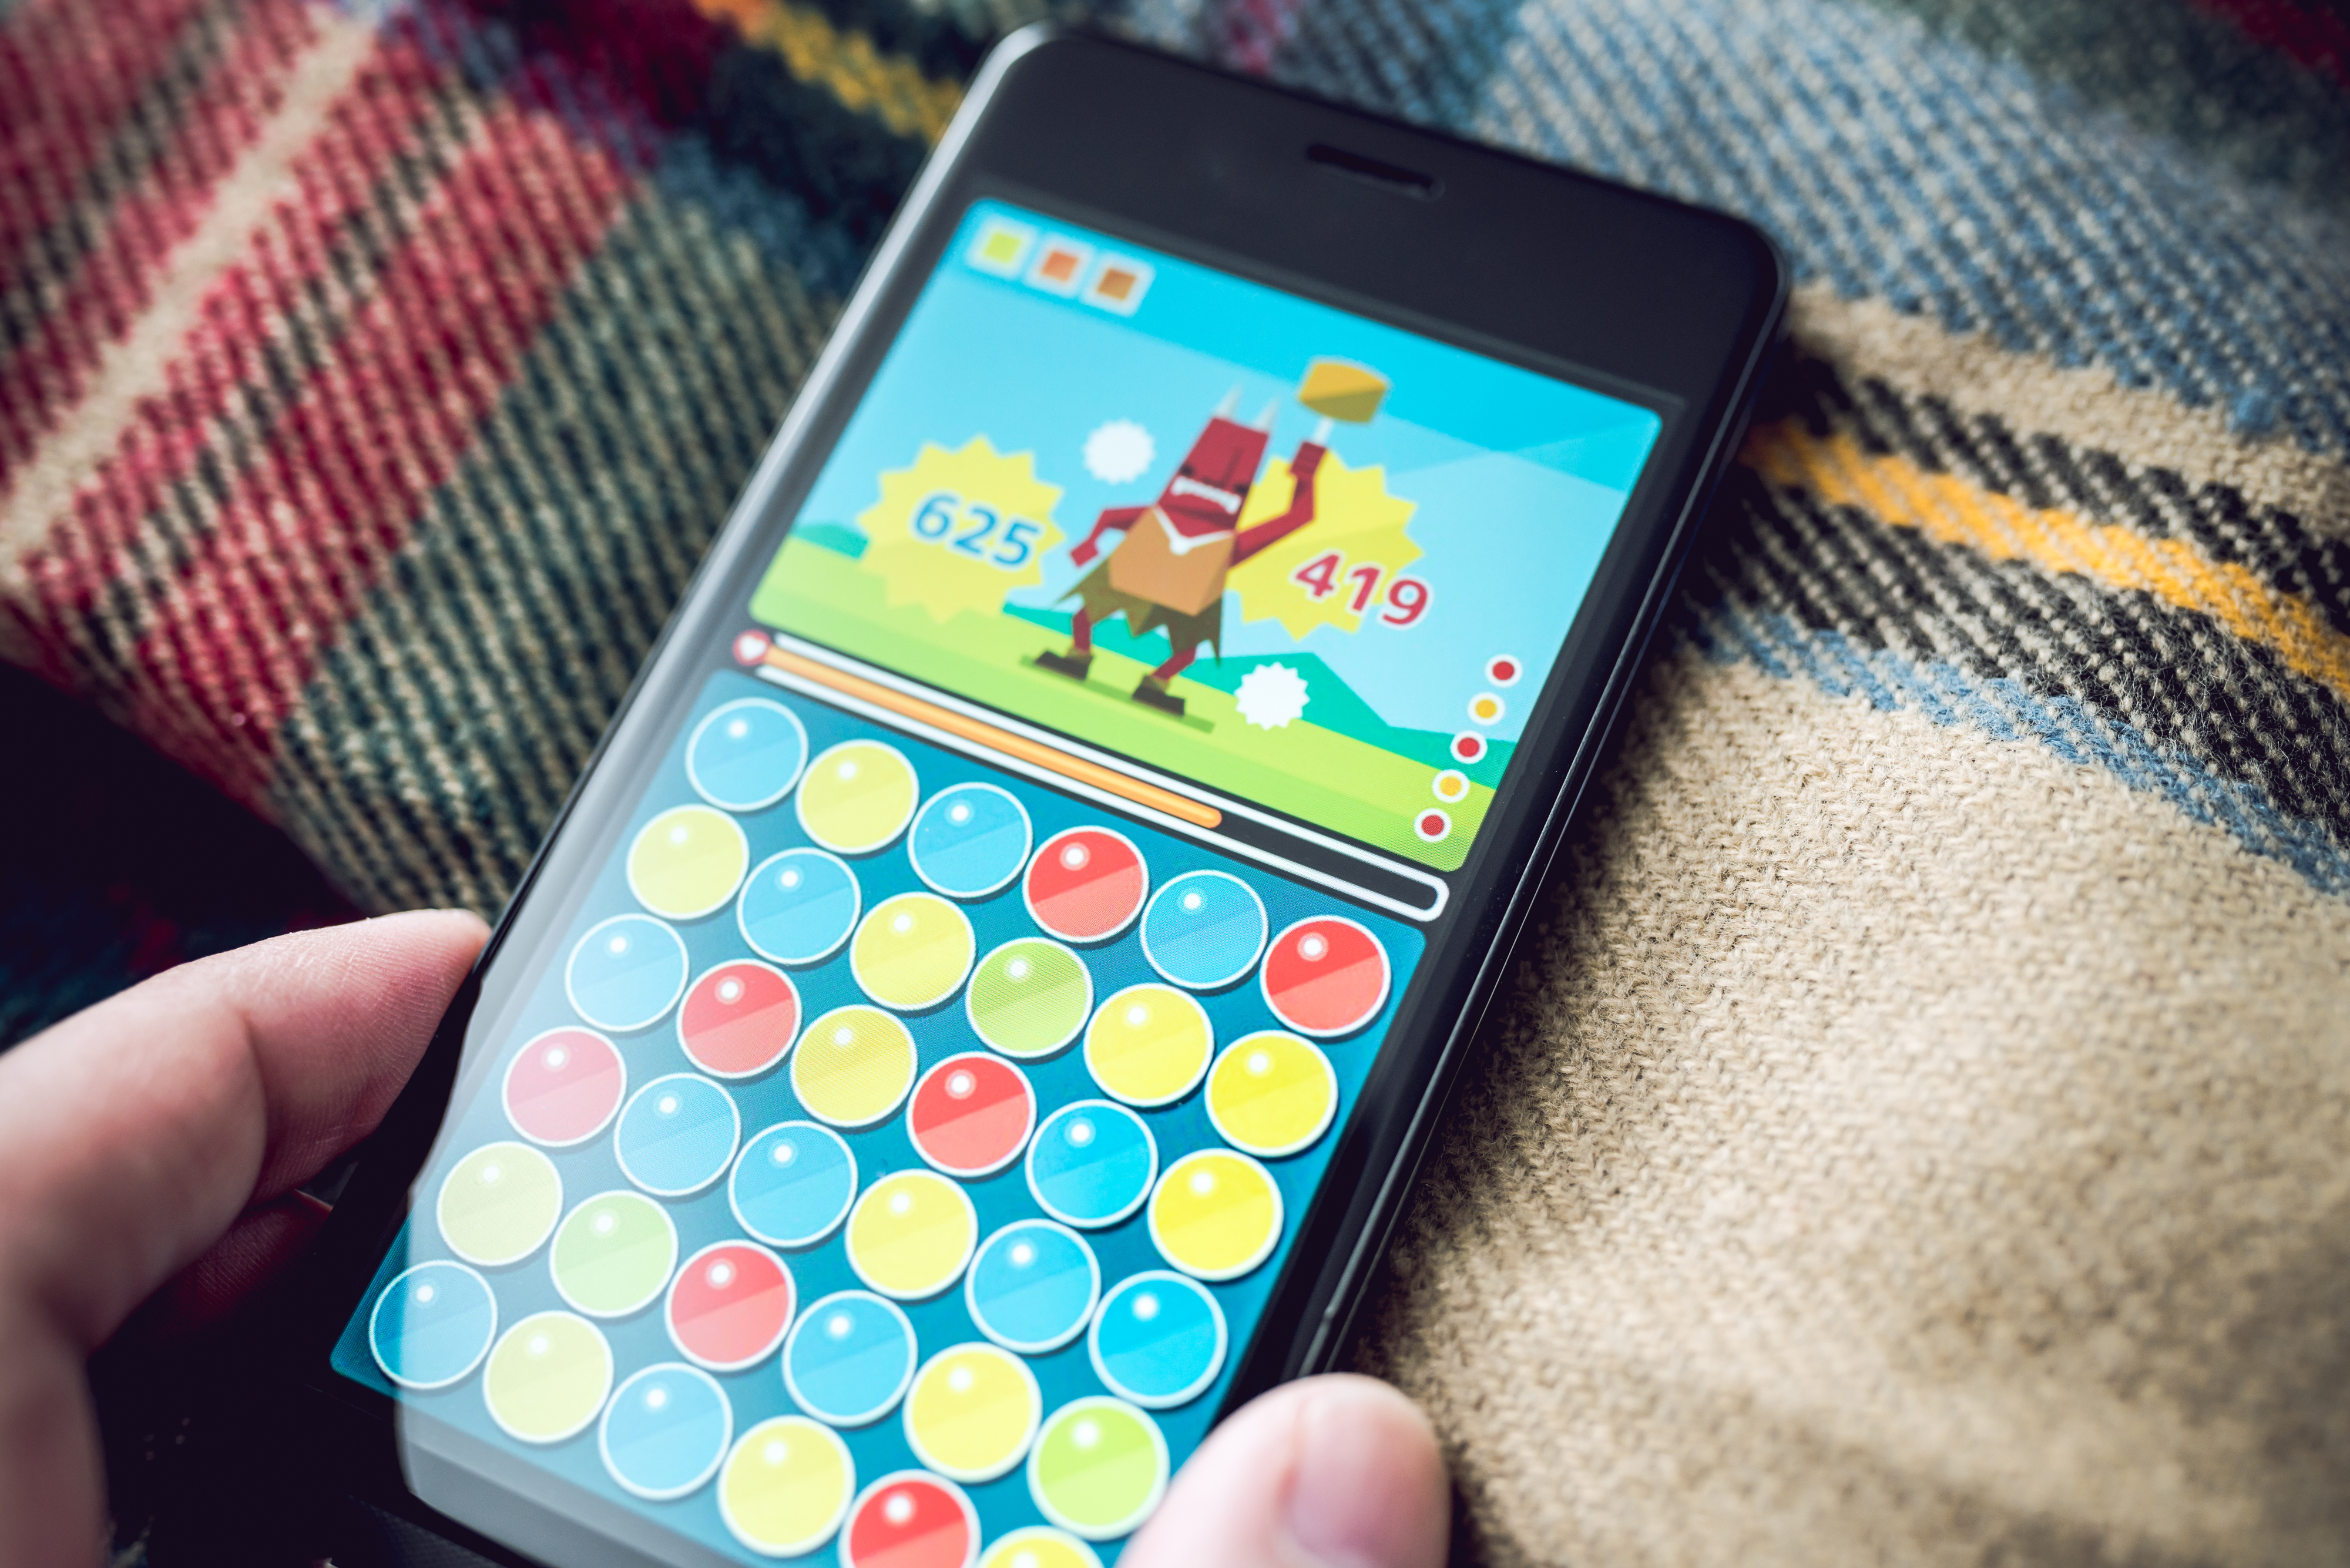 ■スマートフォンに表示しているゲーム画面は、撮影用に作成したイメージです。